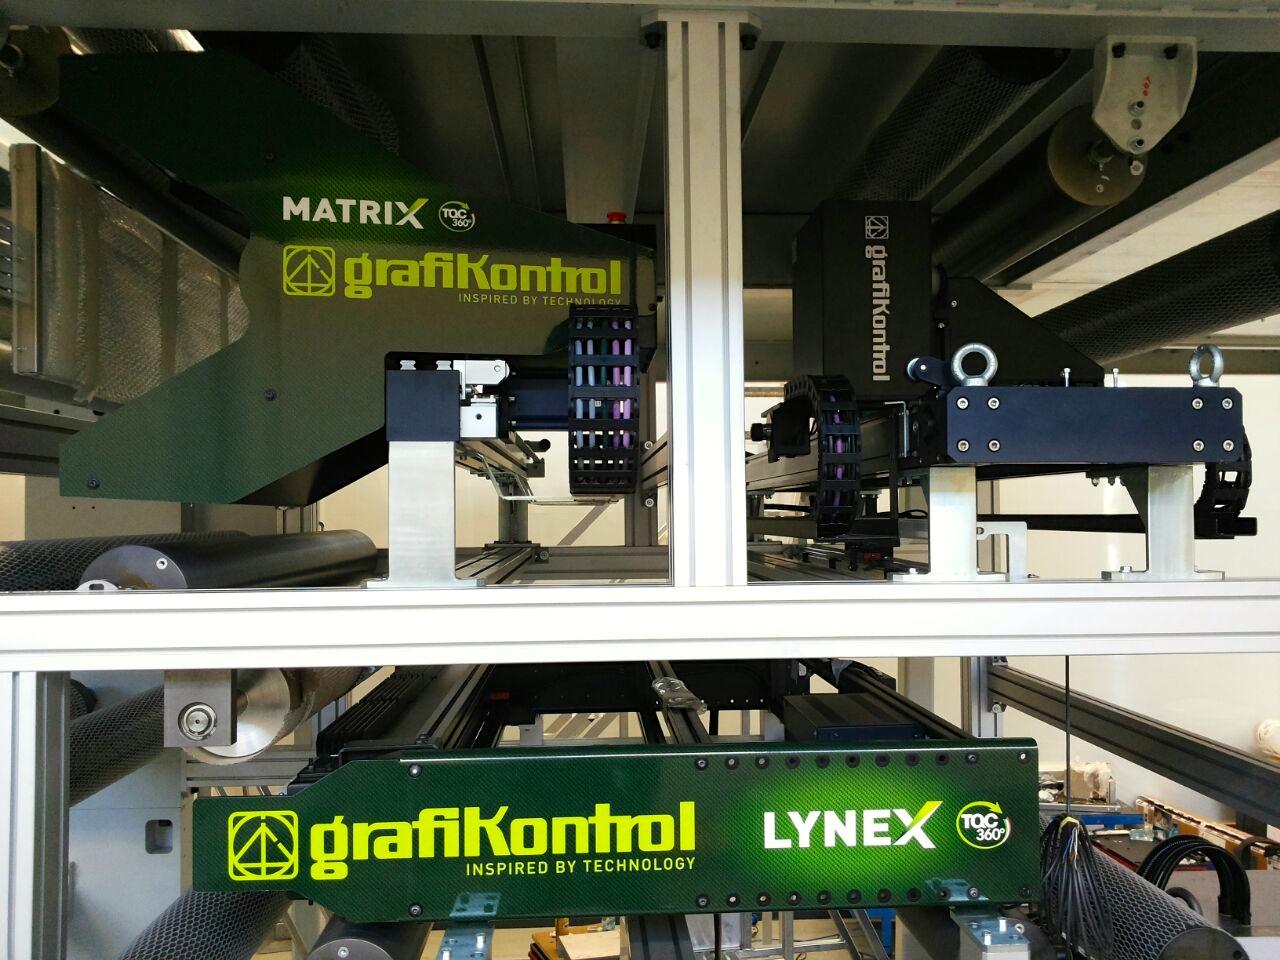 Progrex rappresenta la combinazione del sistema di controllo del processo di stampa Matrix e del sistema di ispezione al 100% Lynex.